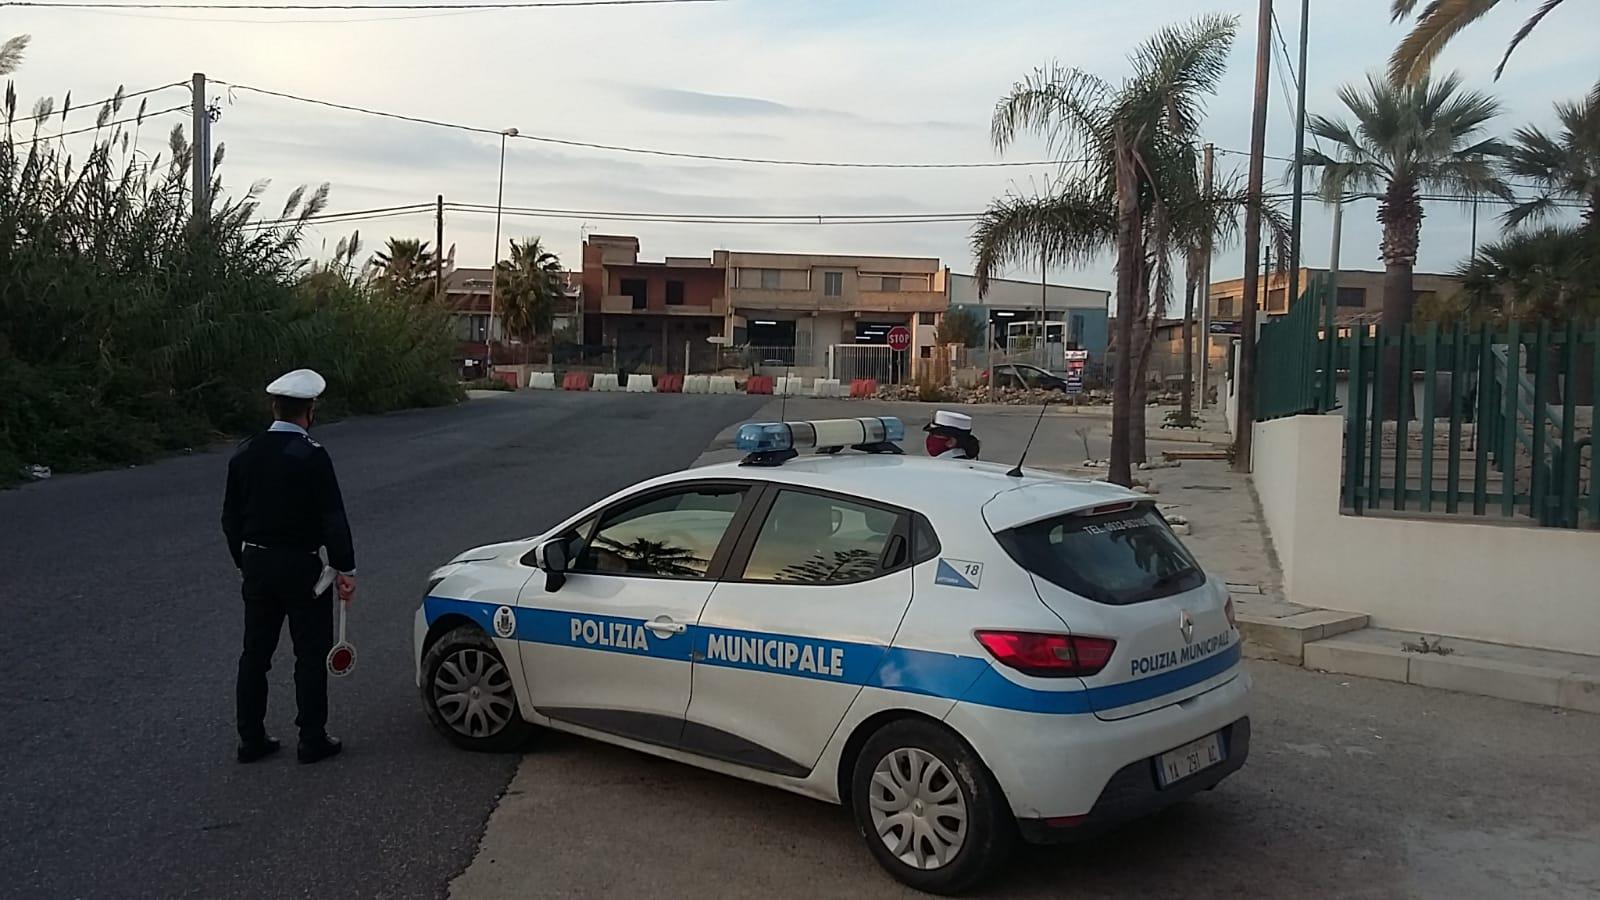 """Spostano le transenne che bloccano l'ingresso della """"Zona Rossa"""": 4 denunciati e multe salate nel comune siciliano di Vittoria"""